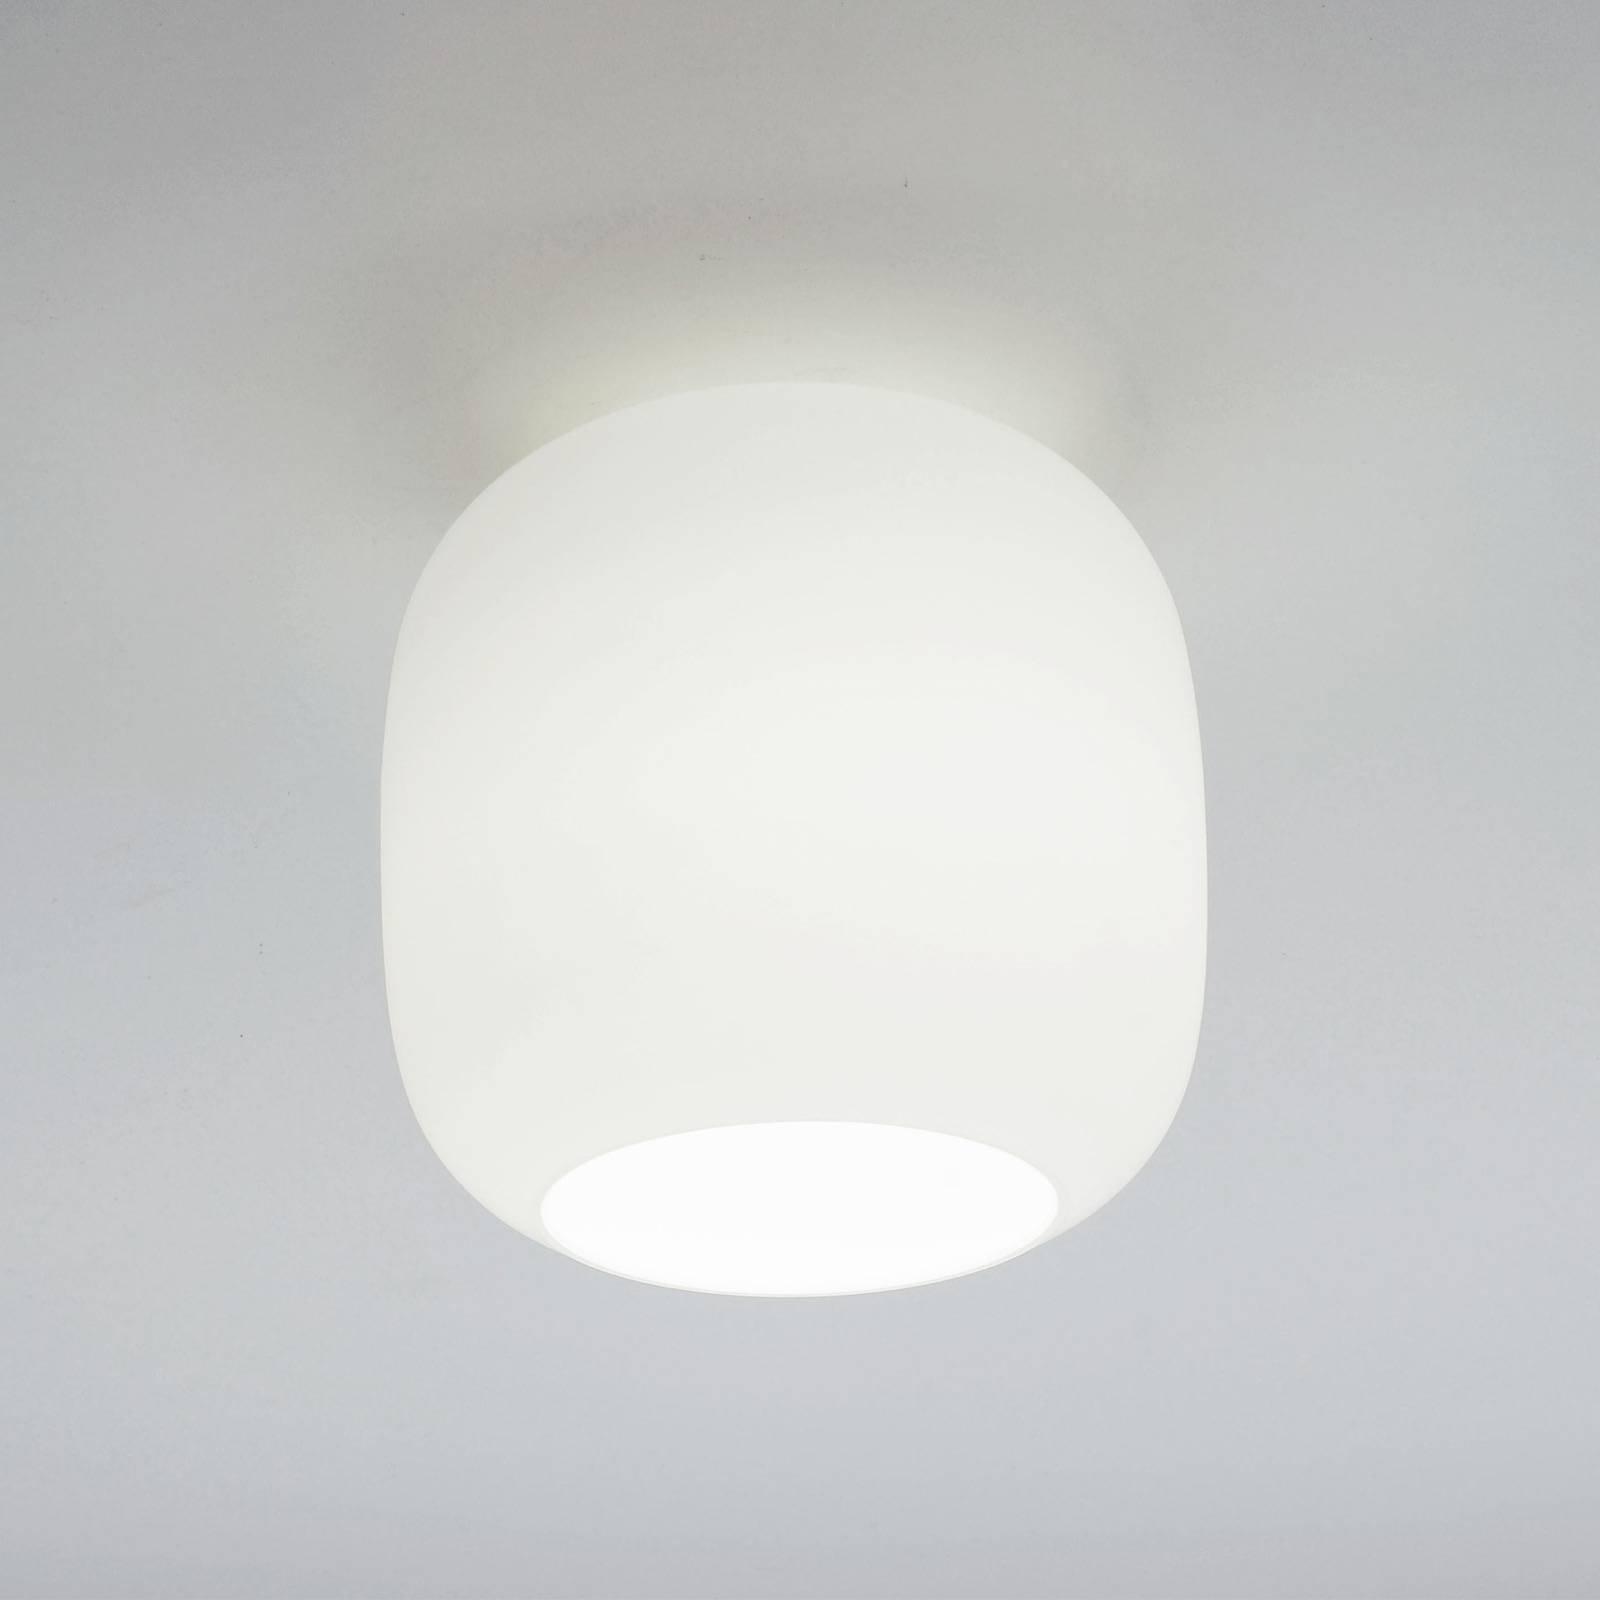 Casablanca Murea taklampe, opalhvit, Ø 25 cm